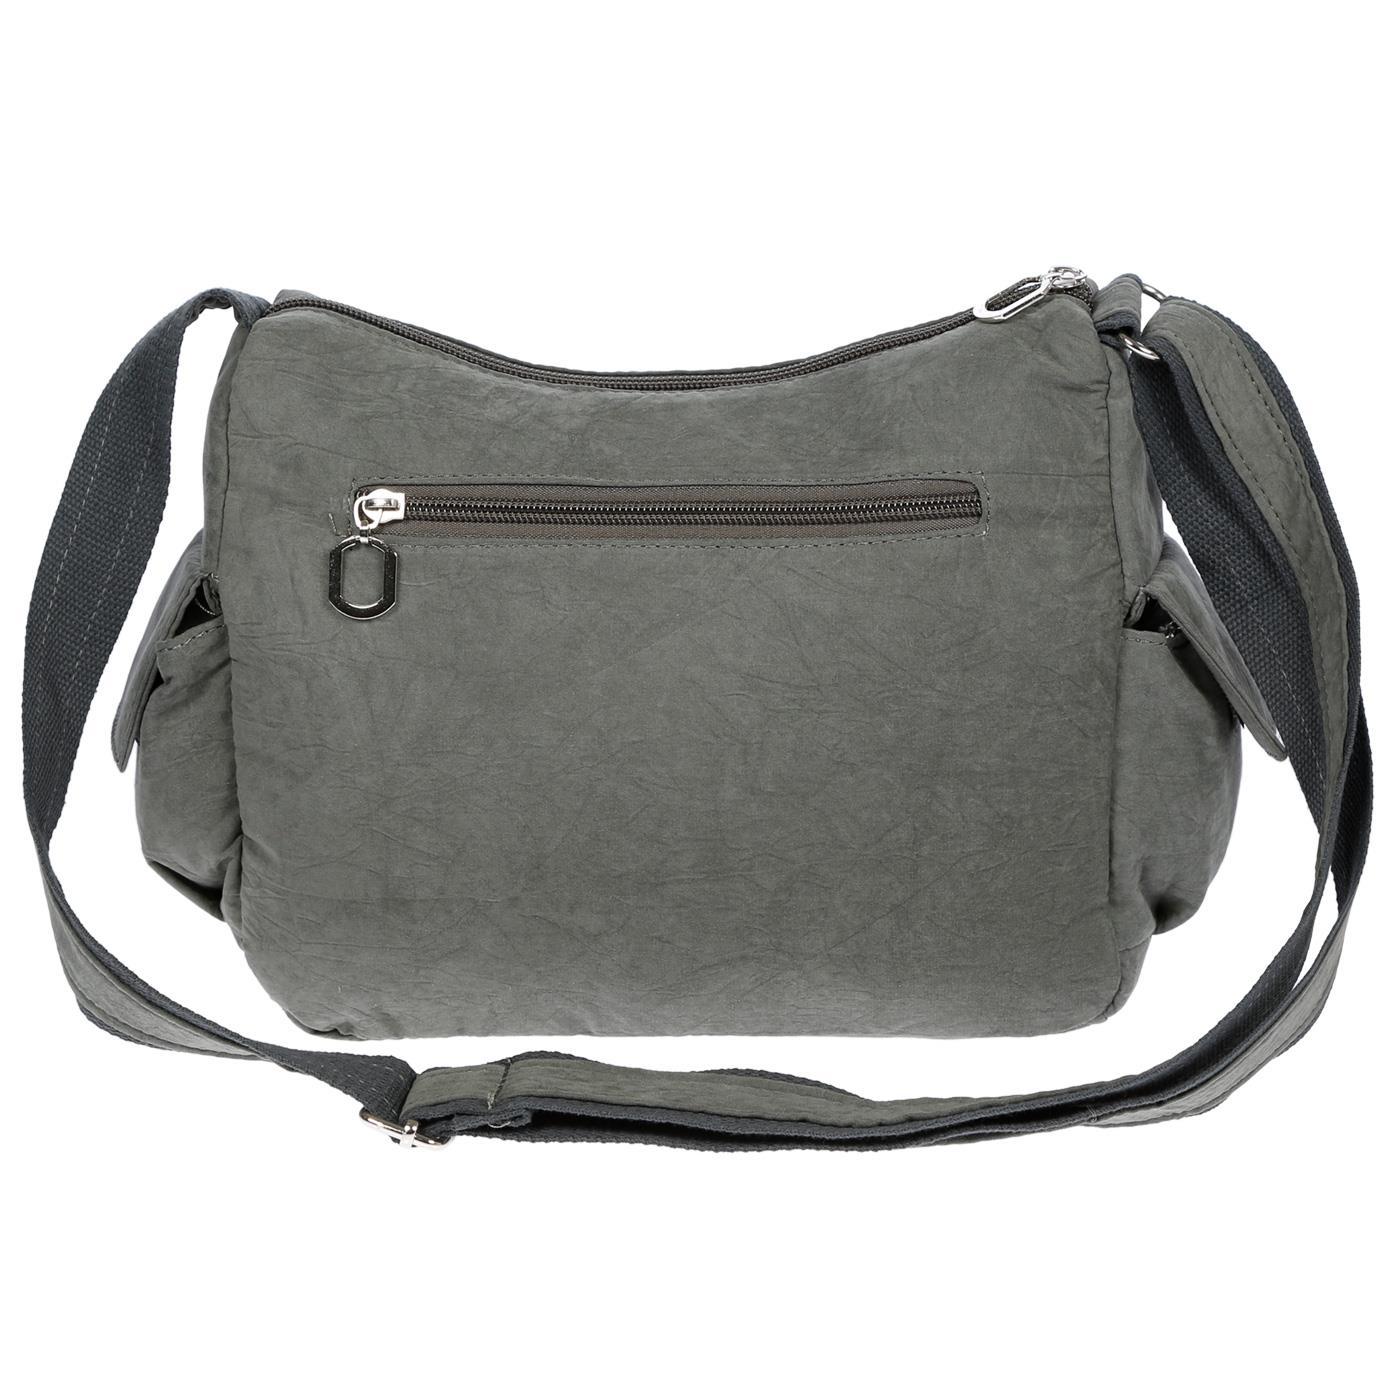 Damenhandtasche-Schultertasche-Tasche-Umhaengetasche-Canvas-Shopper-Crossover-Bag Indexbild 17